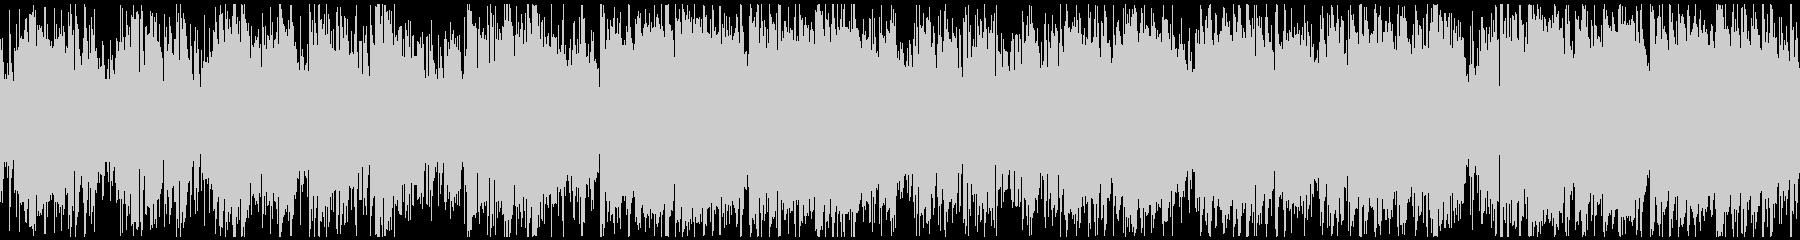 生演奏Sax穏やかフュージョン※ループ版の未再生の波形